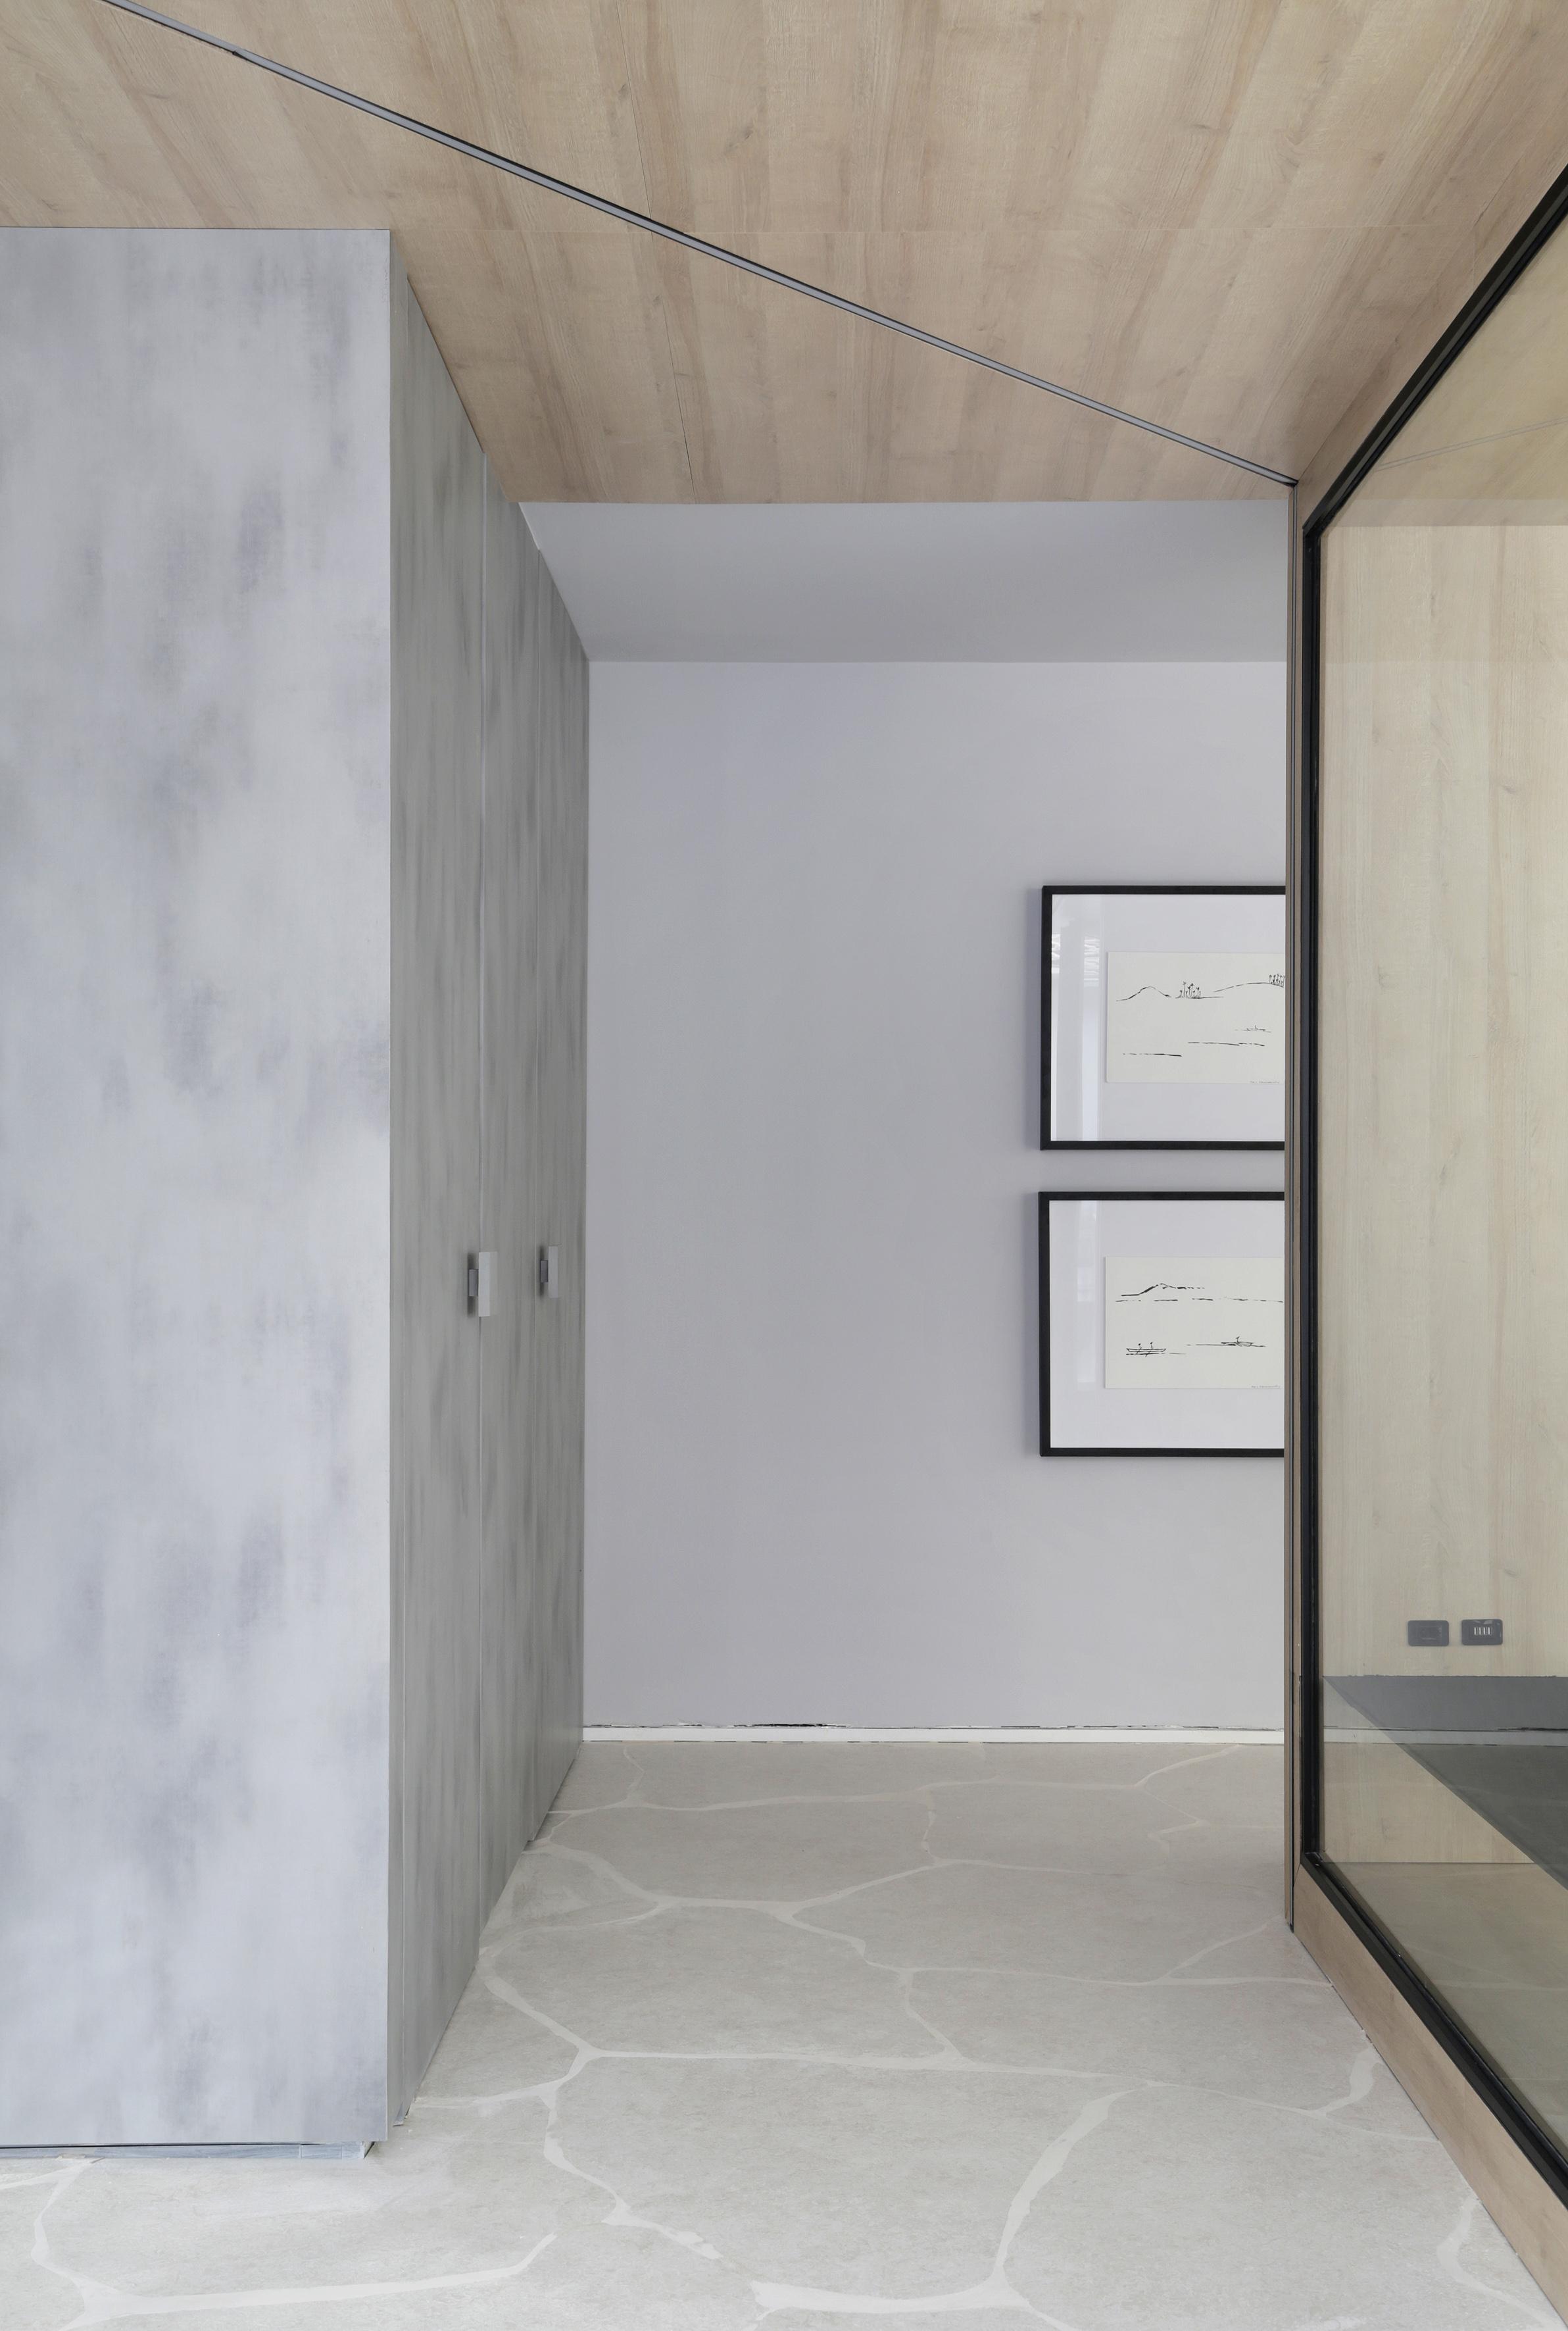 Portas da área intima do banheiro, parede de vidro que divide banheiros e living, piso em formato de rochas, quadros decorativos e forro de madeira. Casa Conecta: Ticiane Lima, CASACOR SP 2019.